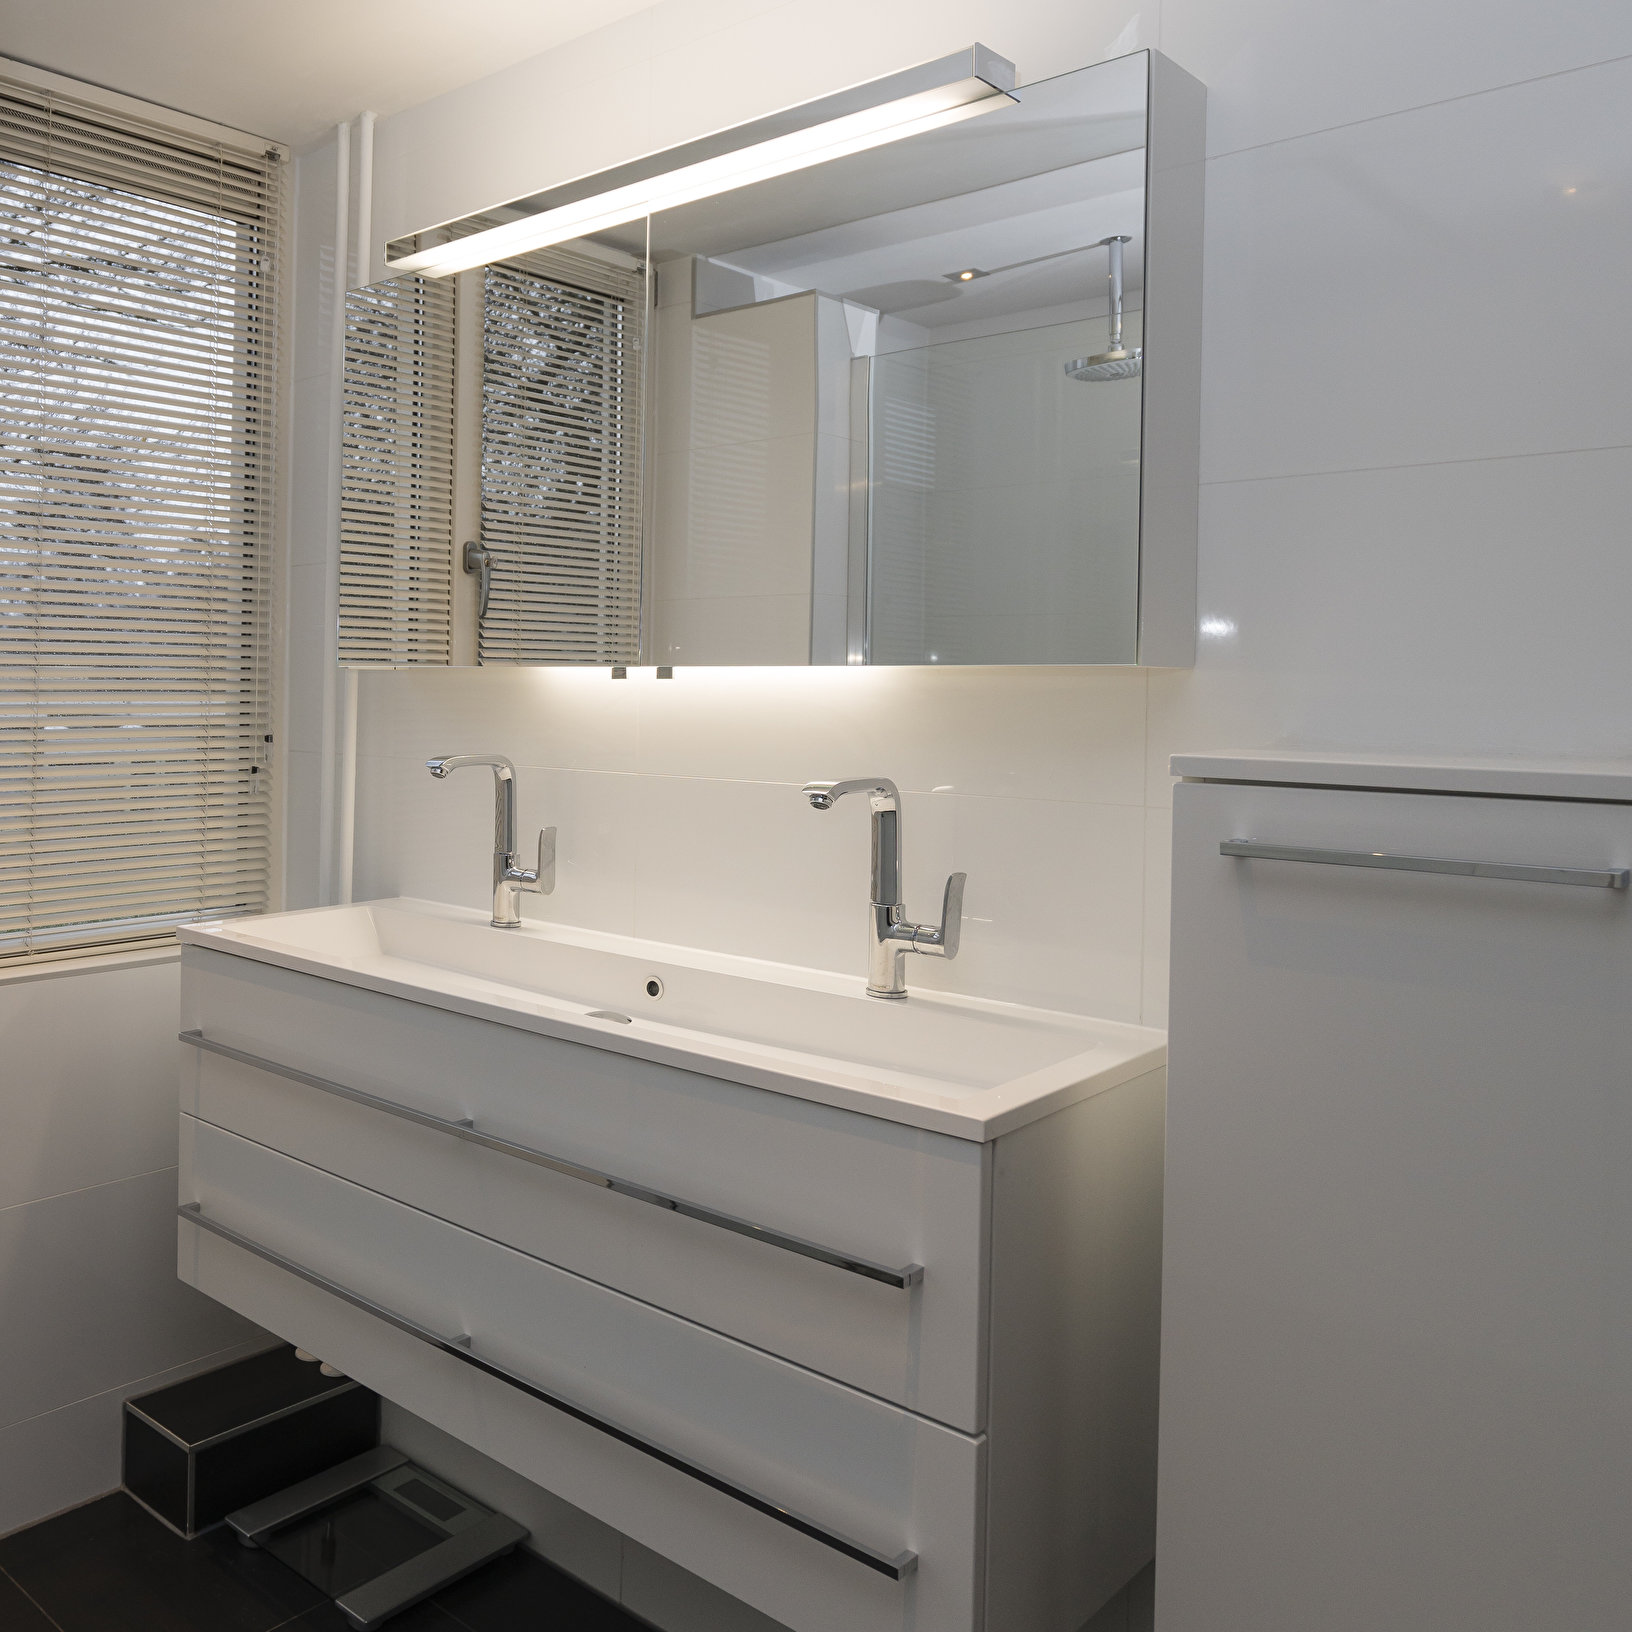 badkamer zoetermeer wastafel met spiegel